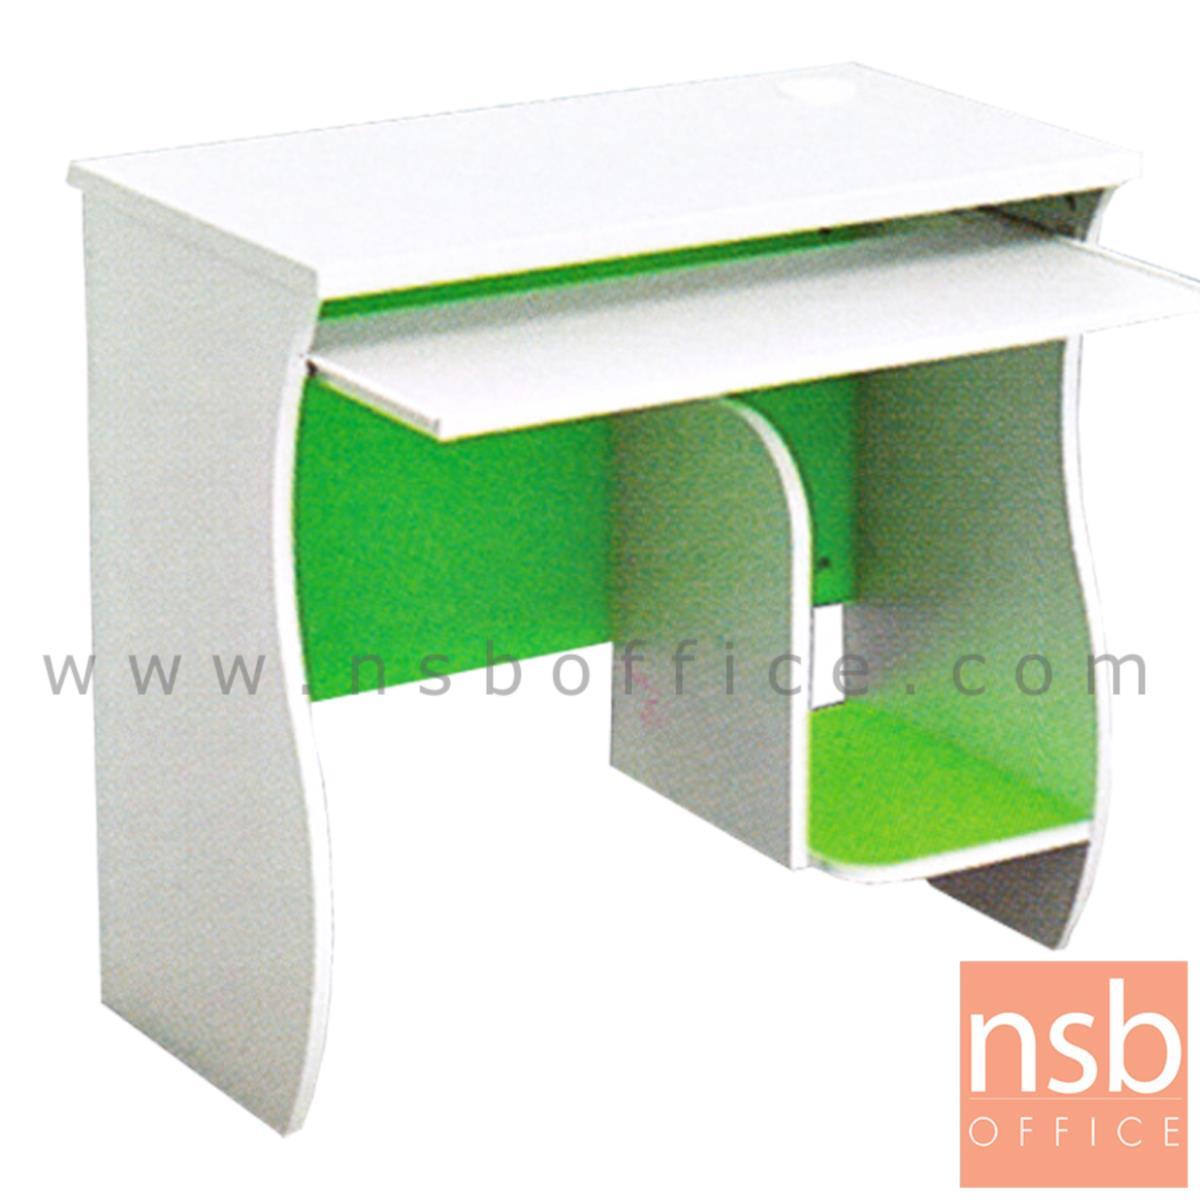 A20A016:โต๊ะคอมพิวเตอร์สีสัน  รุ่น MT-DCI148  ขนาด 80W cm. พร้อมรางคีบอร์ด ที่วางซีพียู